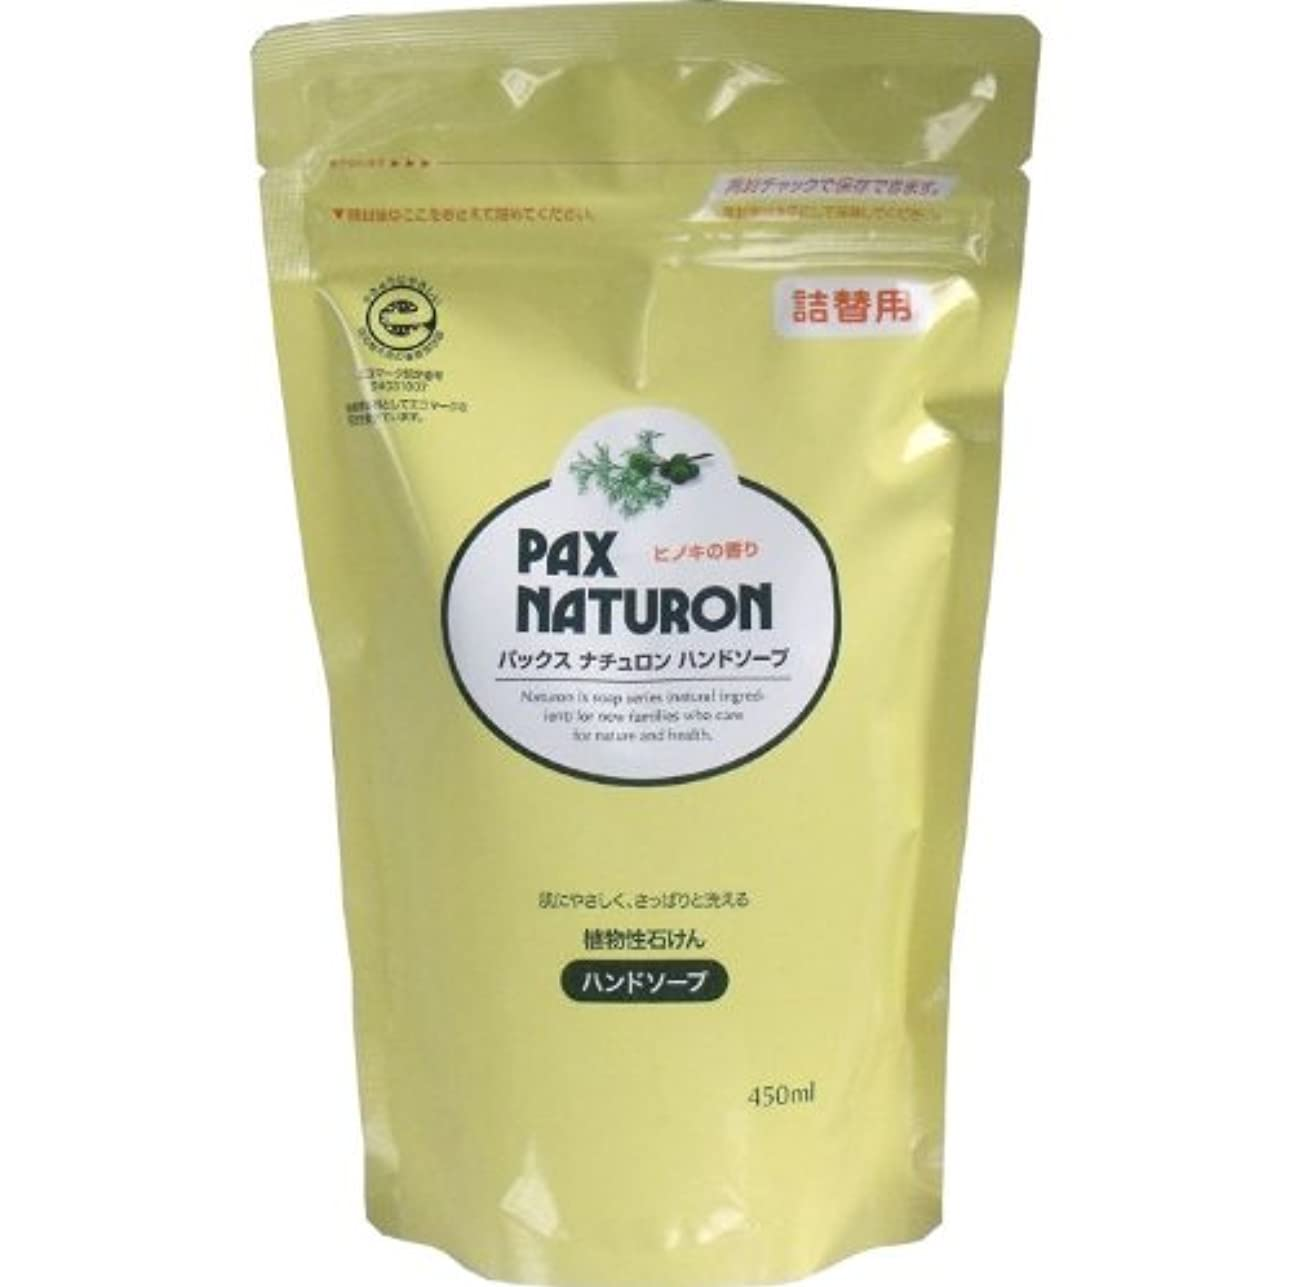 静脈増幅成分肌にやさしく、さっぱりと洗える植物性石けん!植物性ハンドソープ 詰替用 450mL